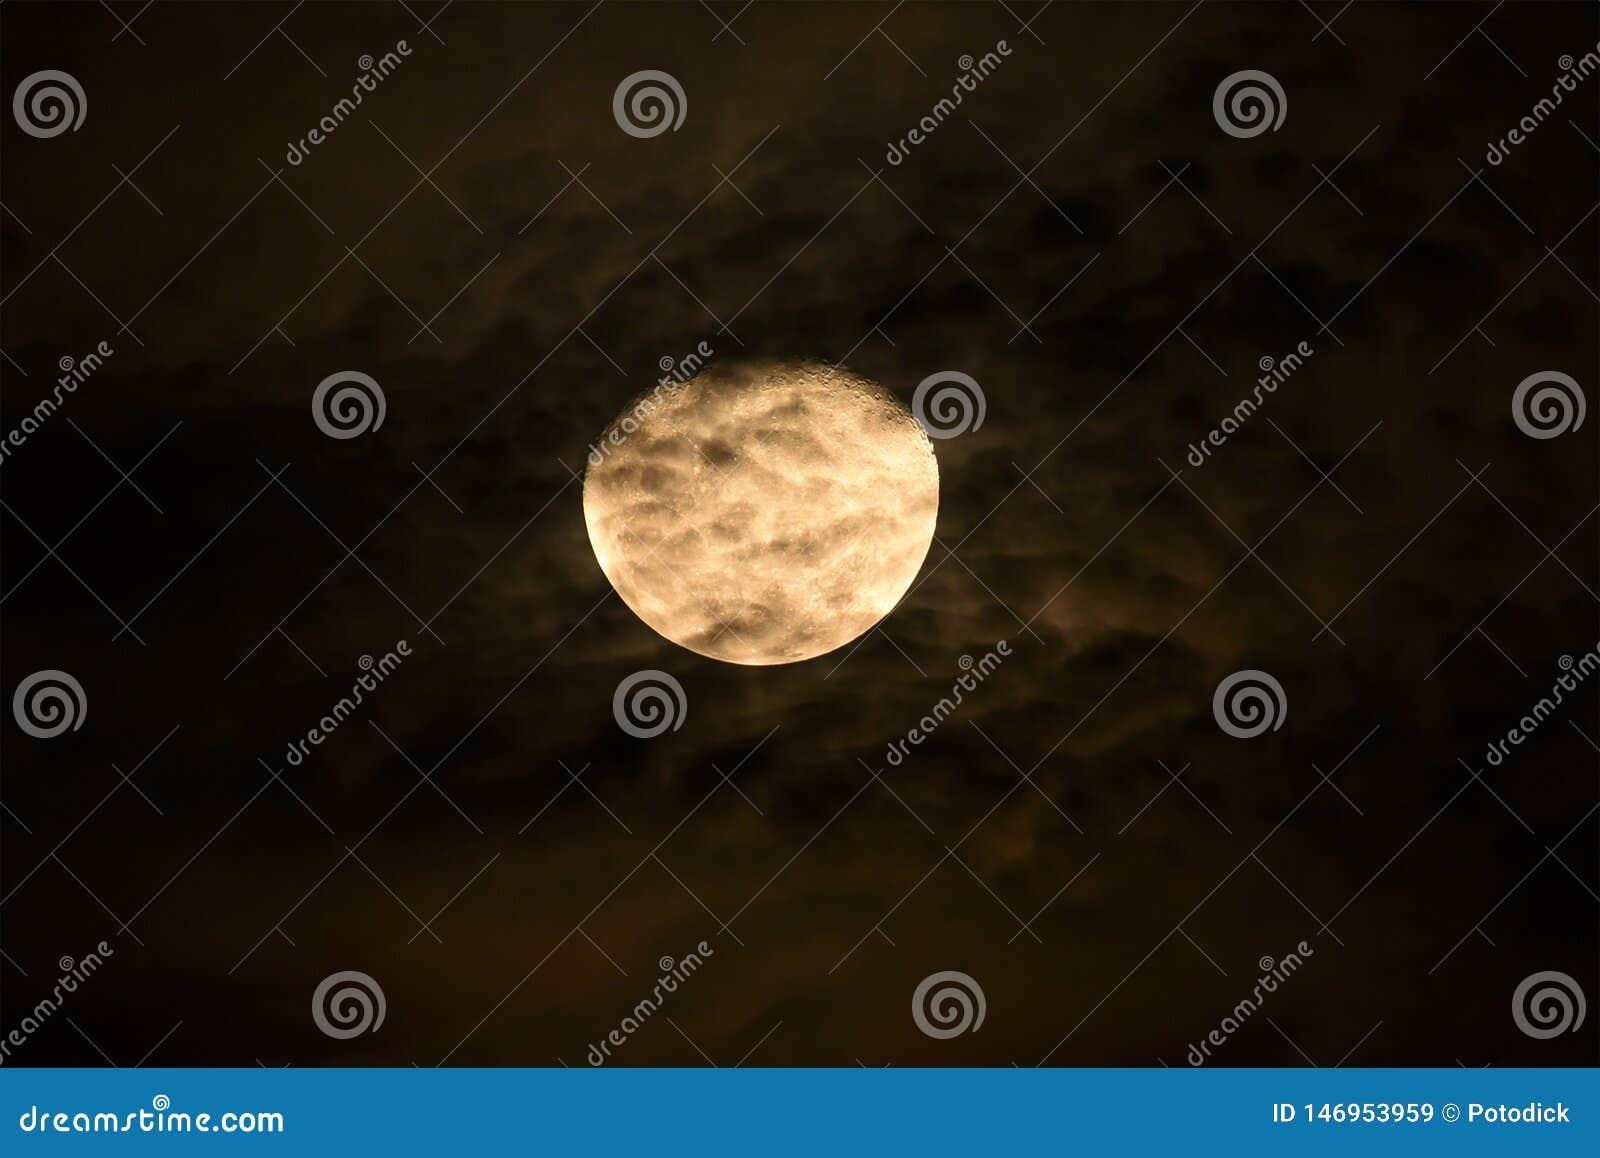 De maan is niet volledig of een derde van een cirkel